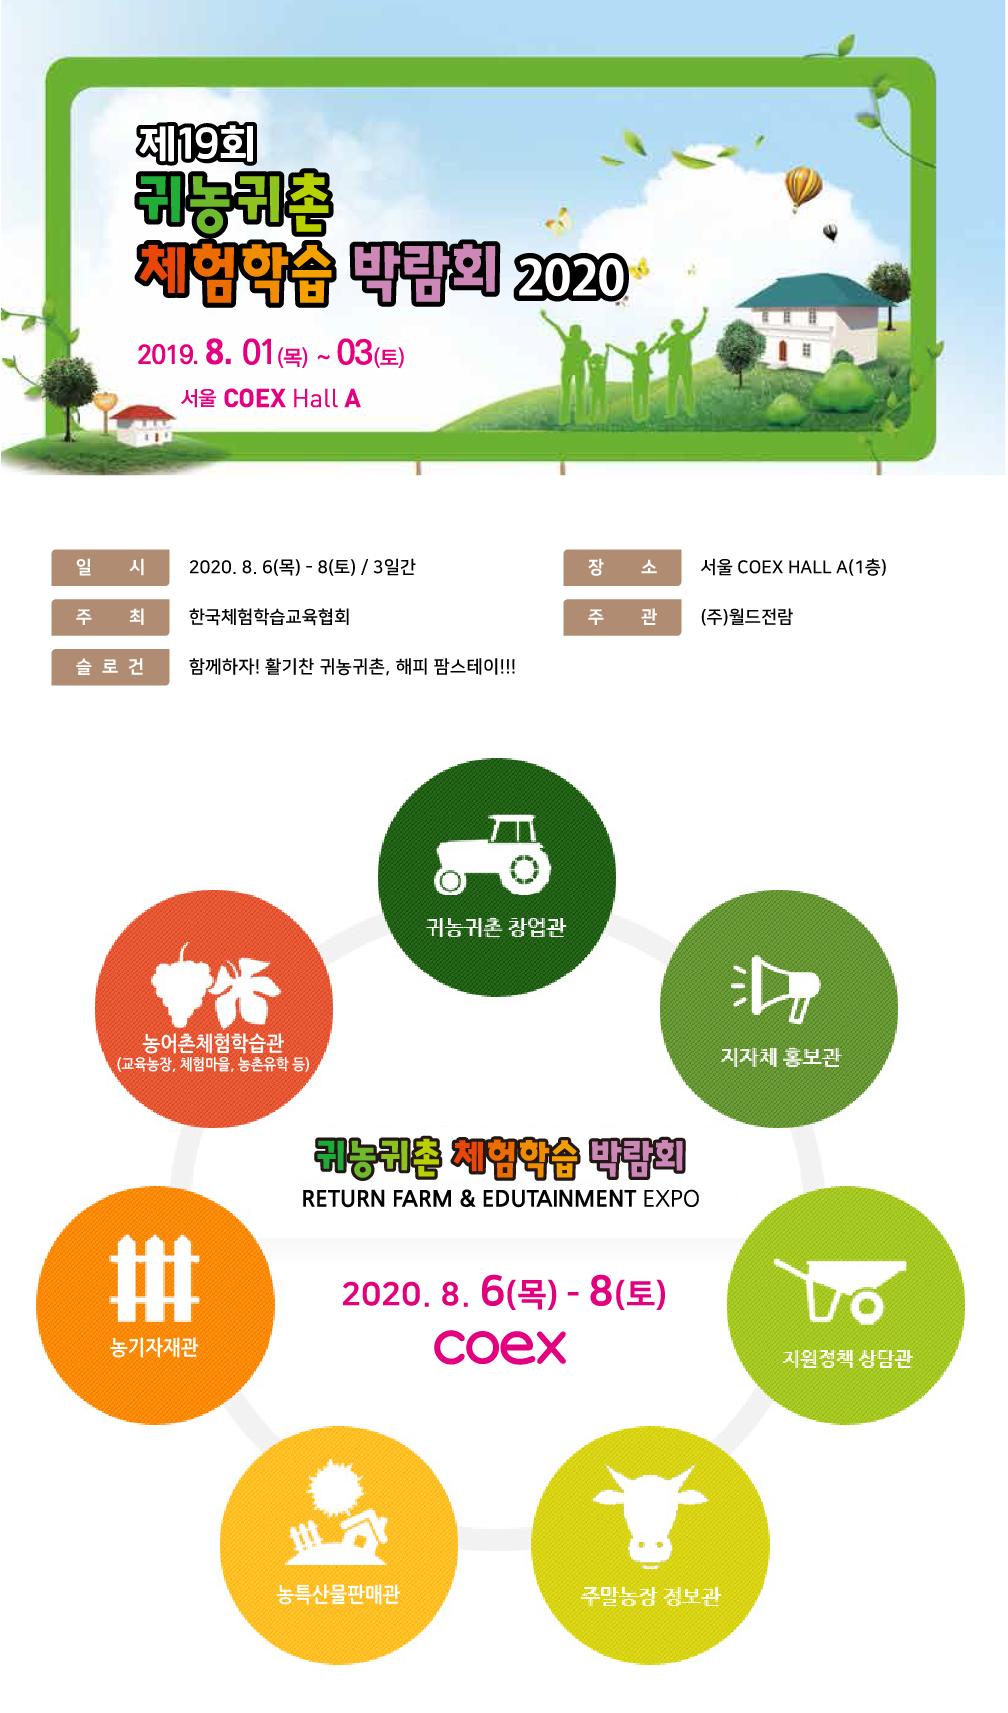 귀농-전시회개요-개요및품목.png